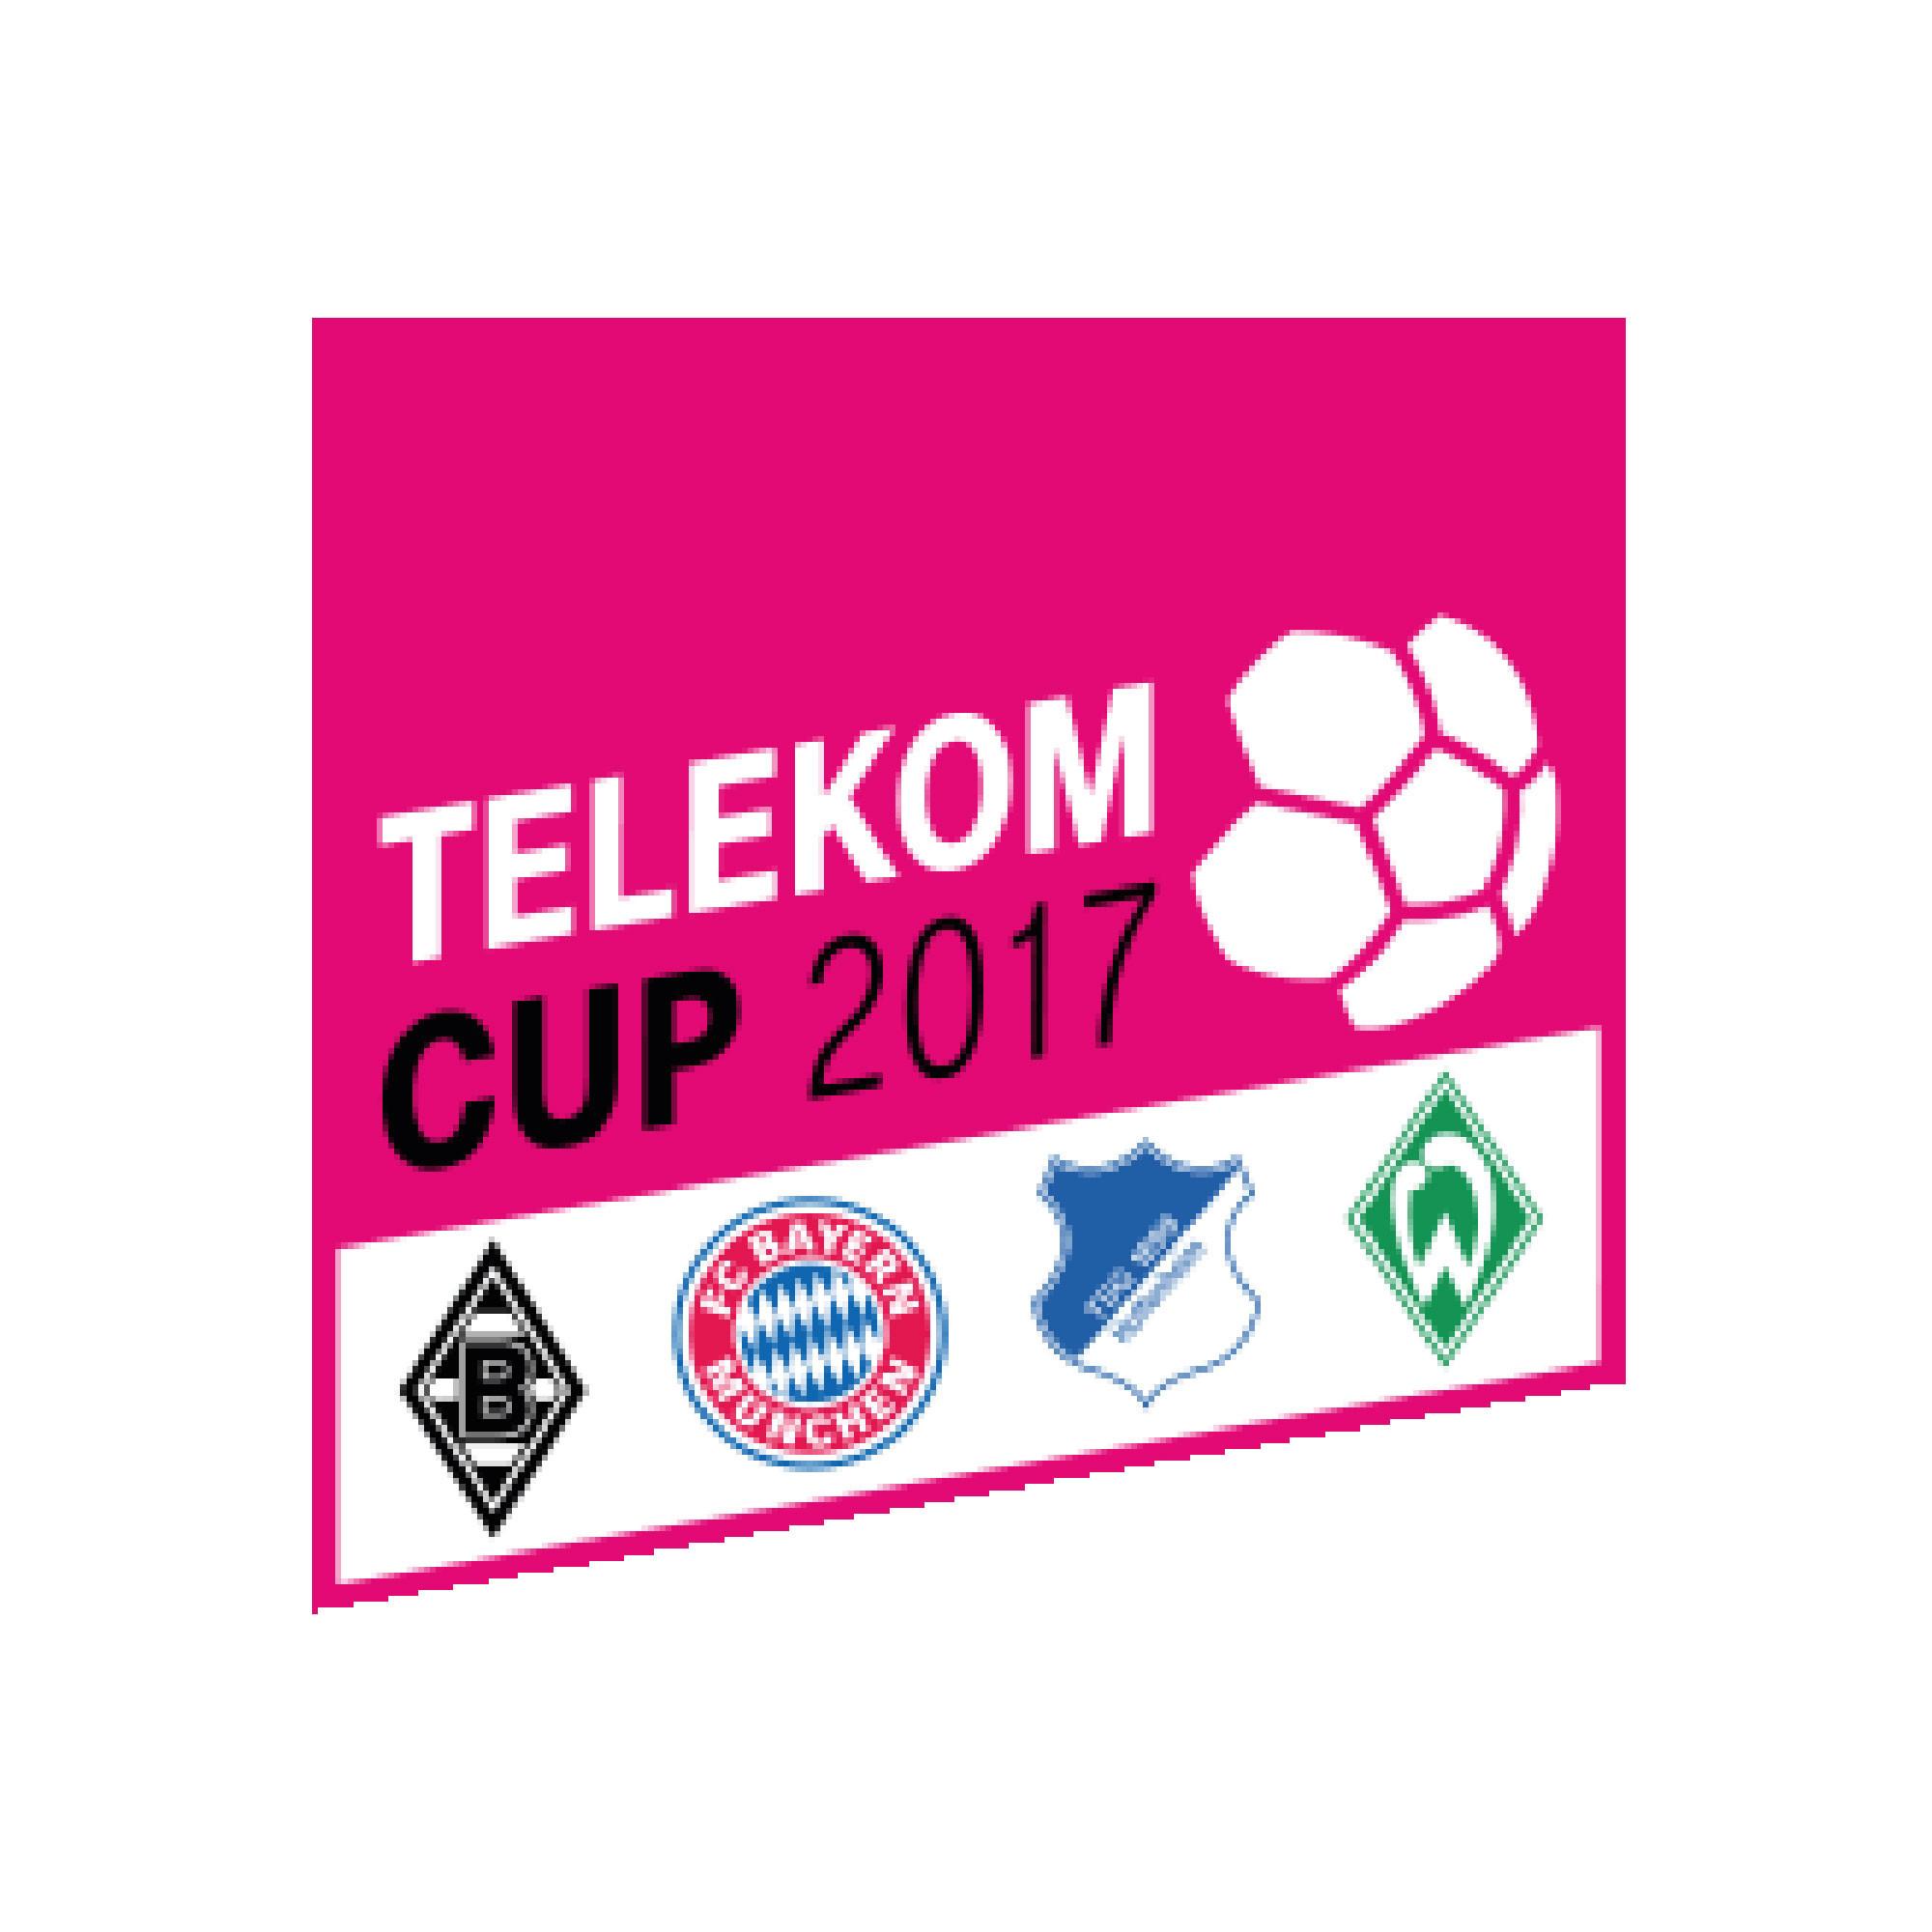 Telekom Powerbank Geburtstagsgeschenk 2017  FC Bayern München VIP Tickets